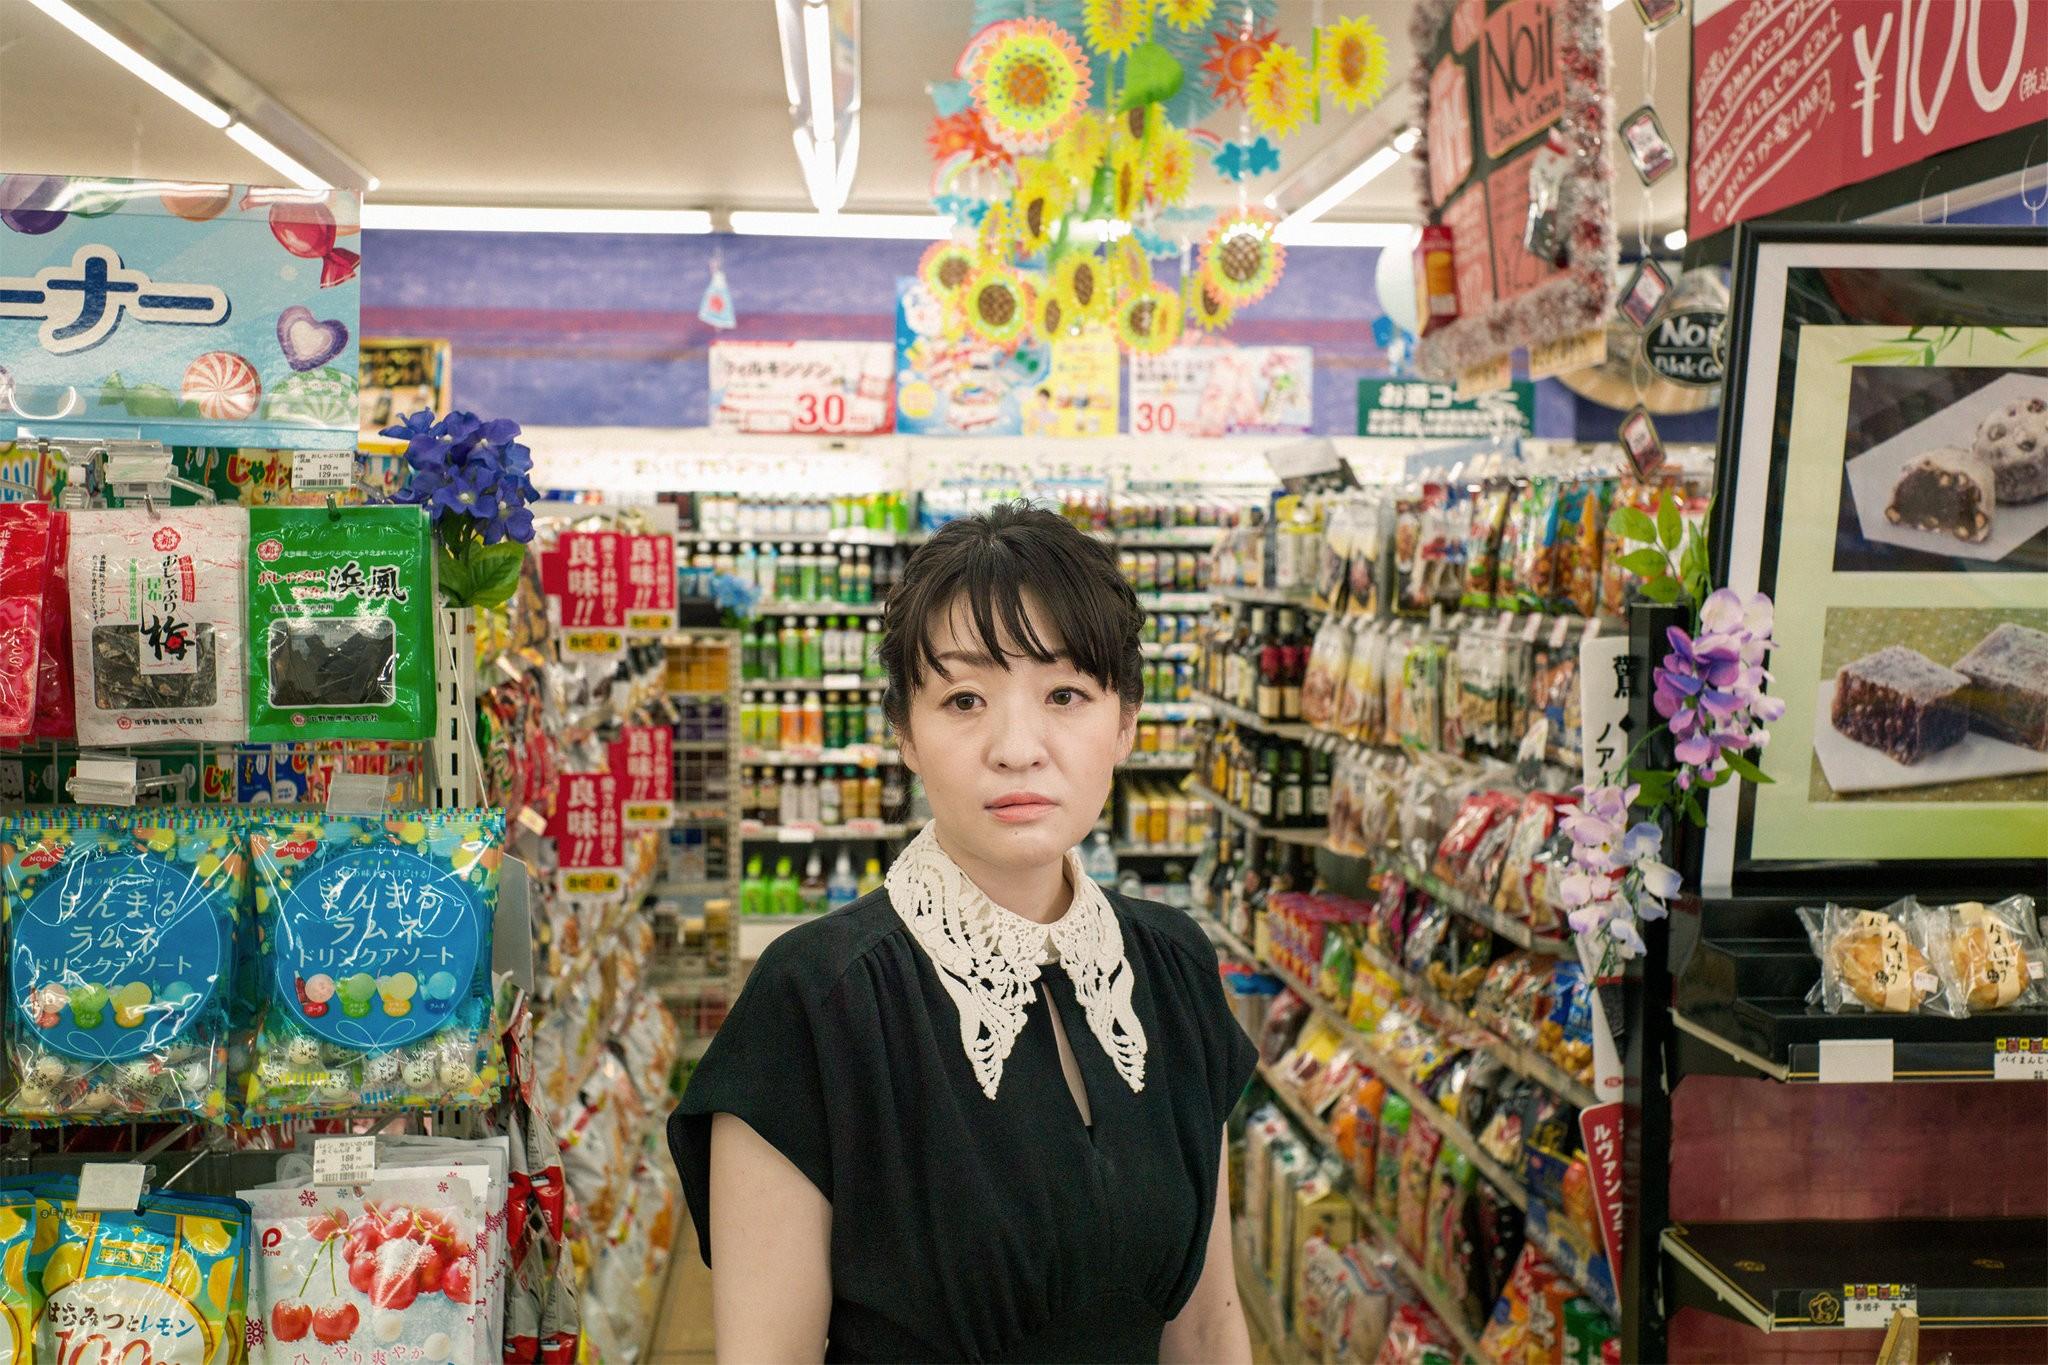 sayaka Murata